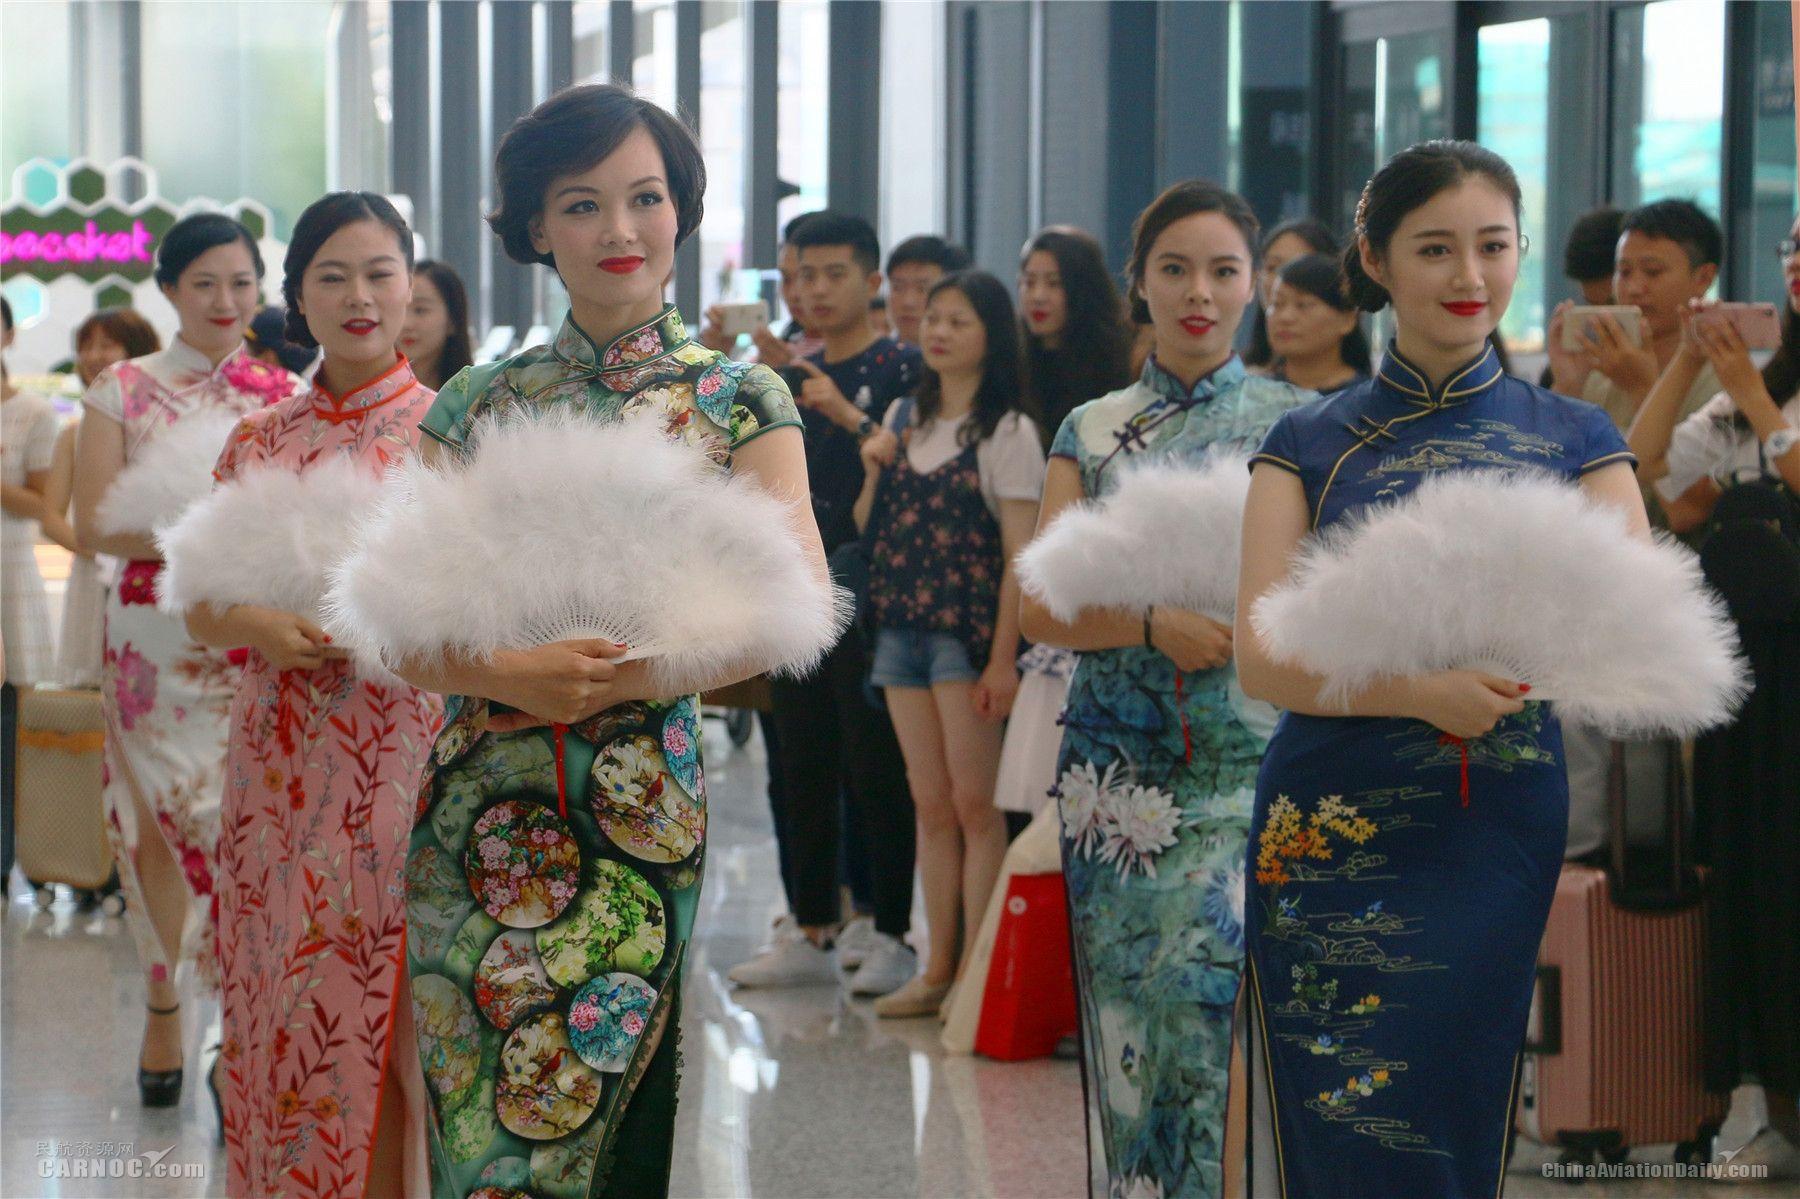 春秋航空演绎别具上海风情的旗袍秀。春秋航空供图